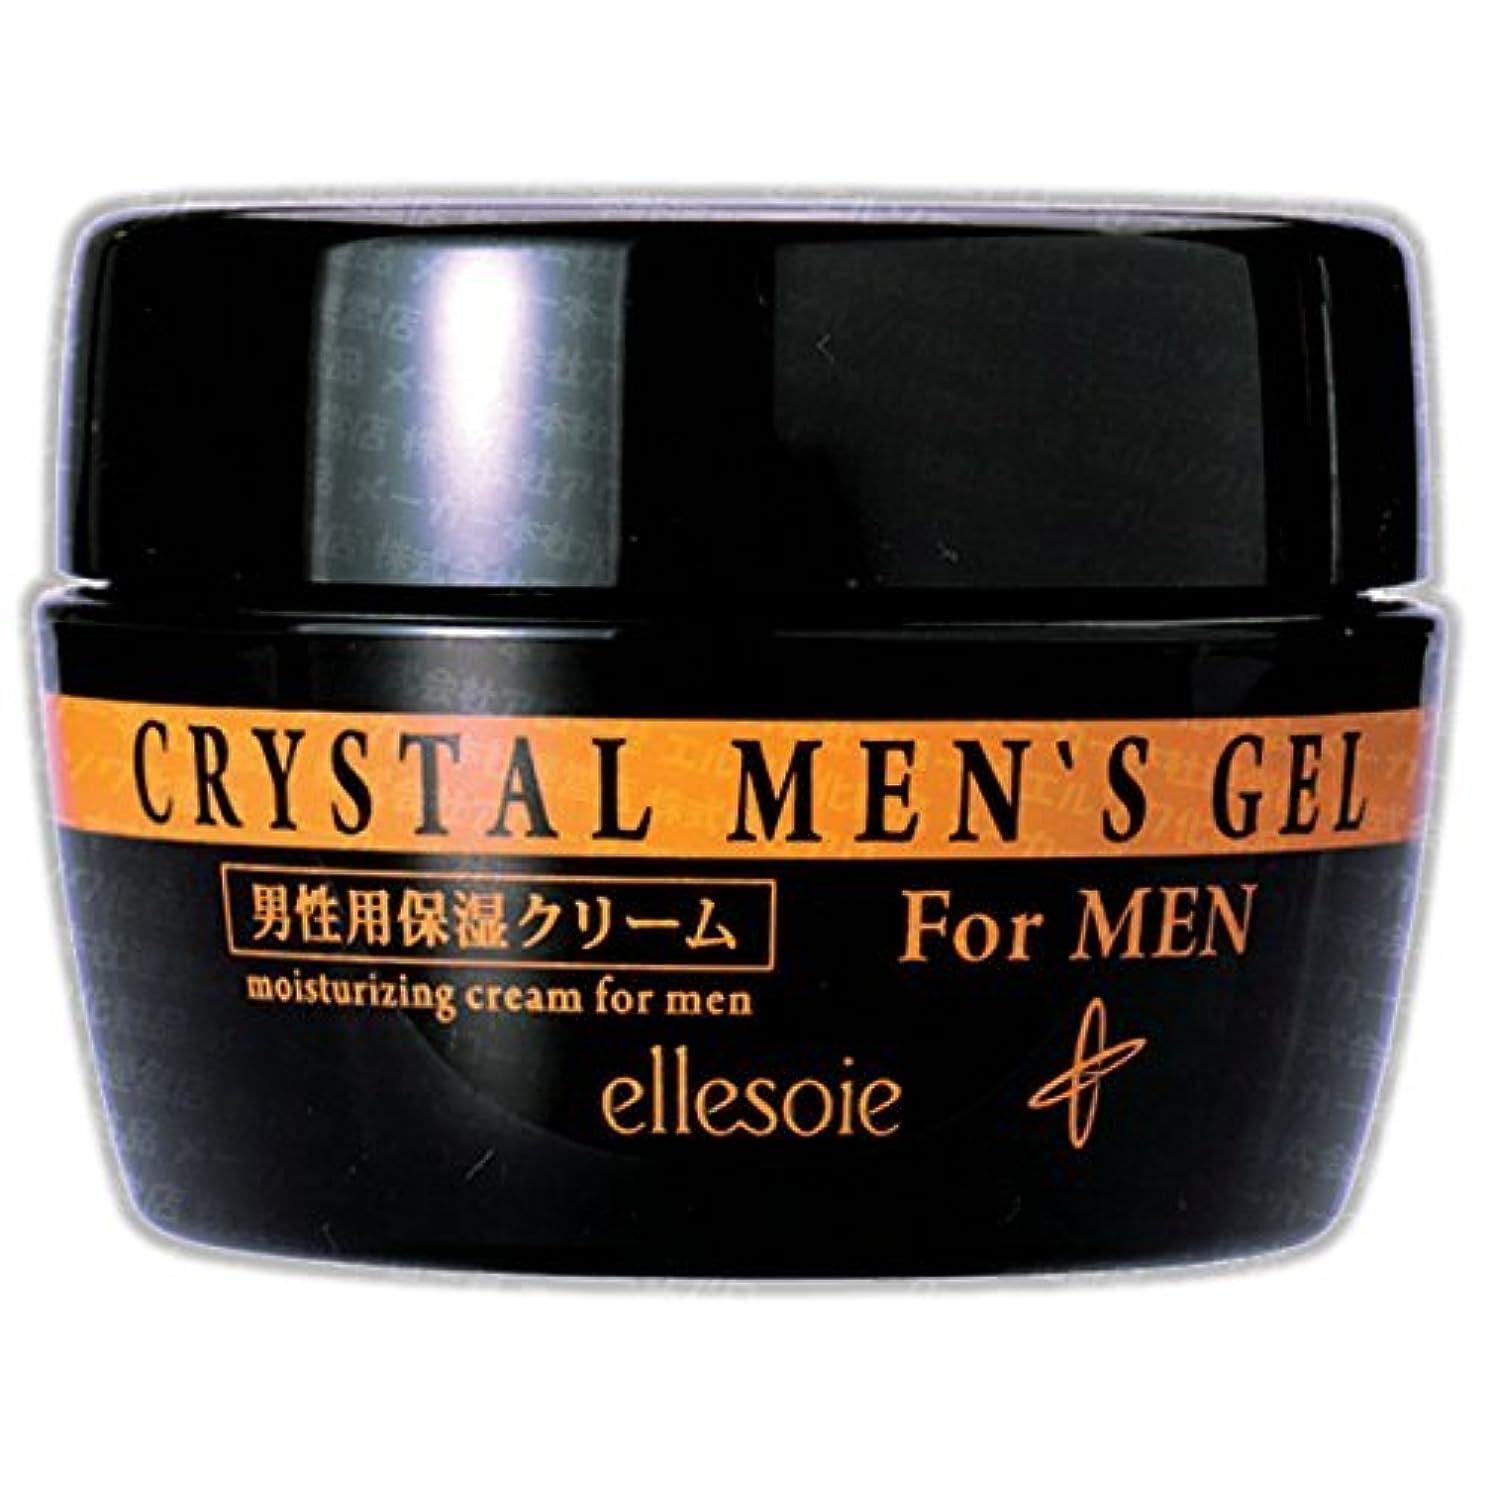 好奇心ルーによるとエルソワ化粧品(ellesoie) クリスタル メンズゲル 男性向けオールインワン